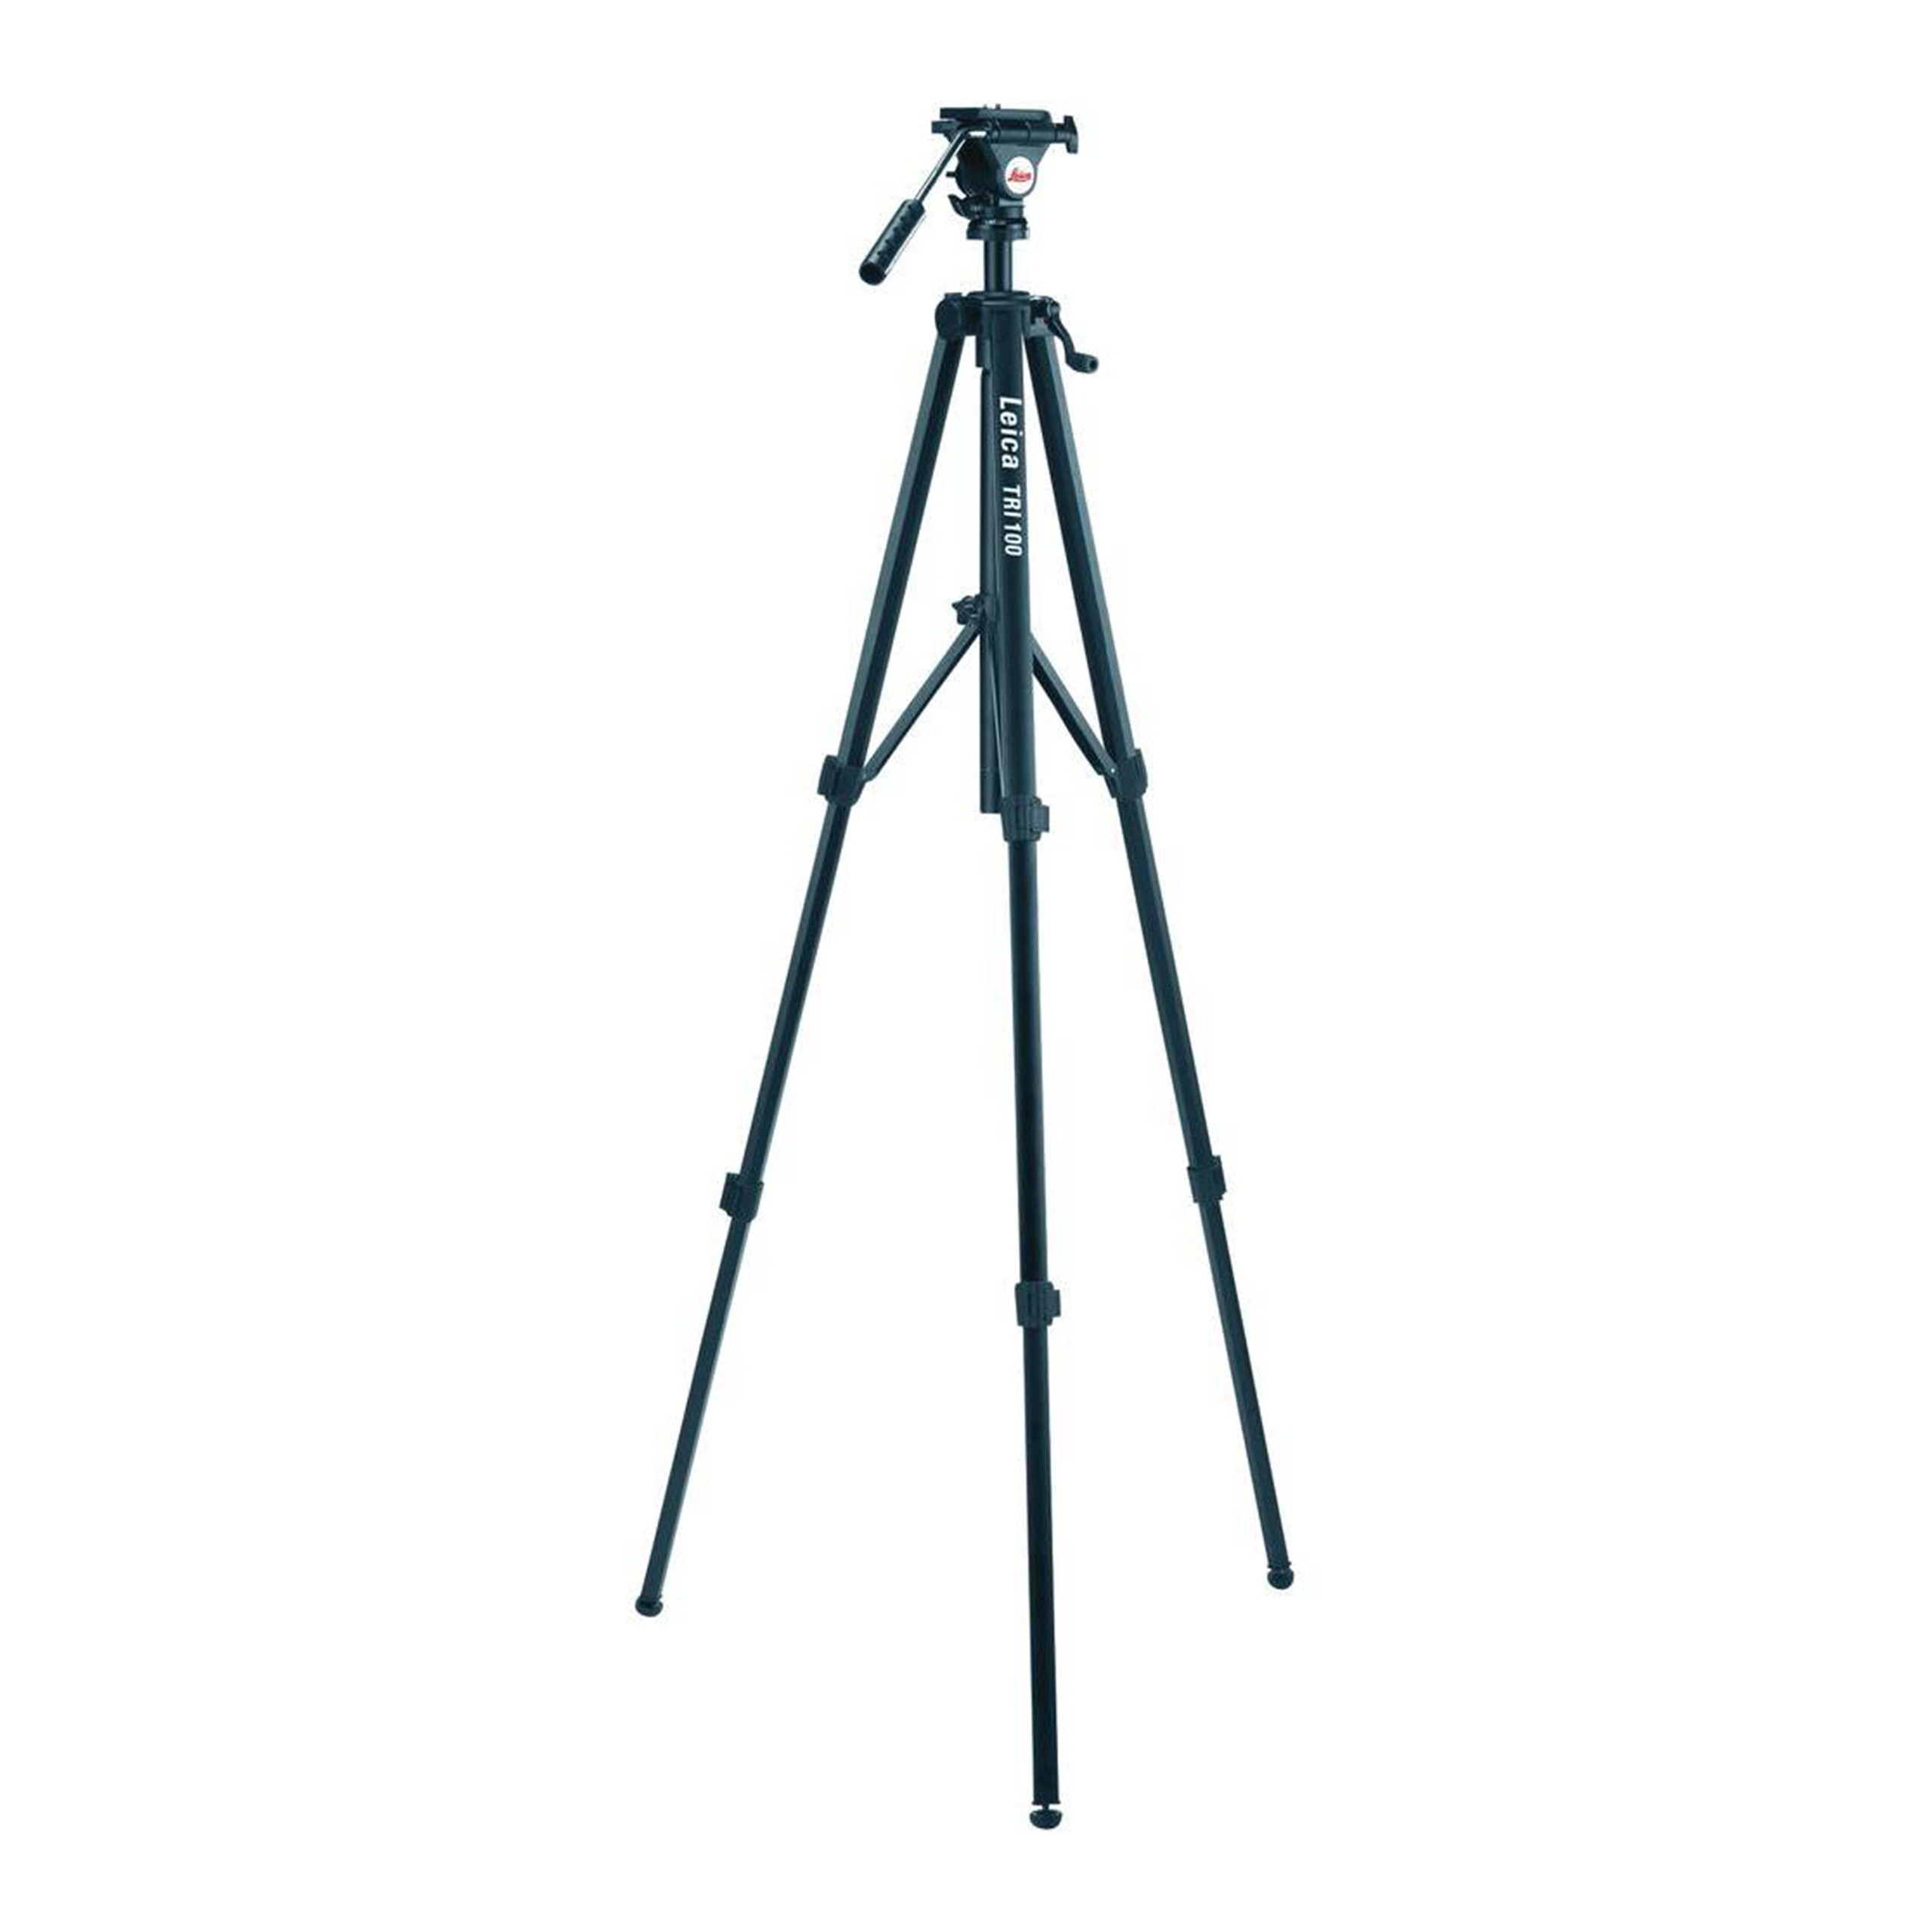 Leica Tri-100 Statív - Autorizovaný distribútor